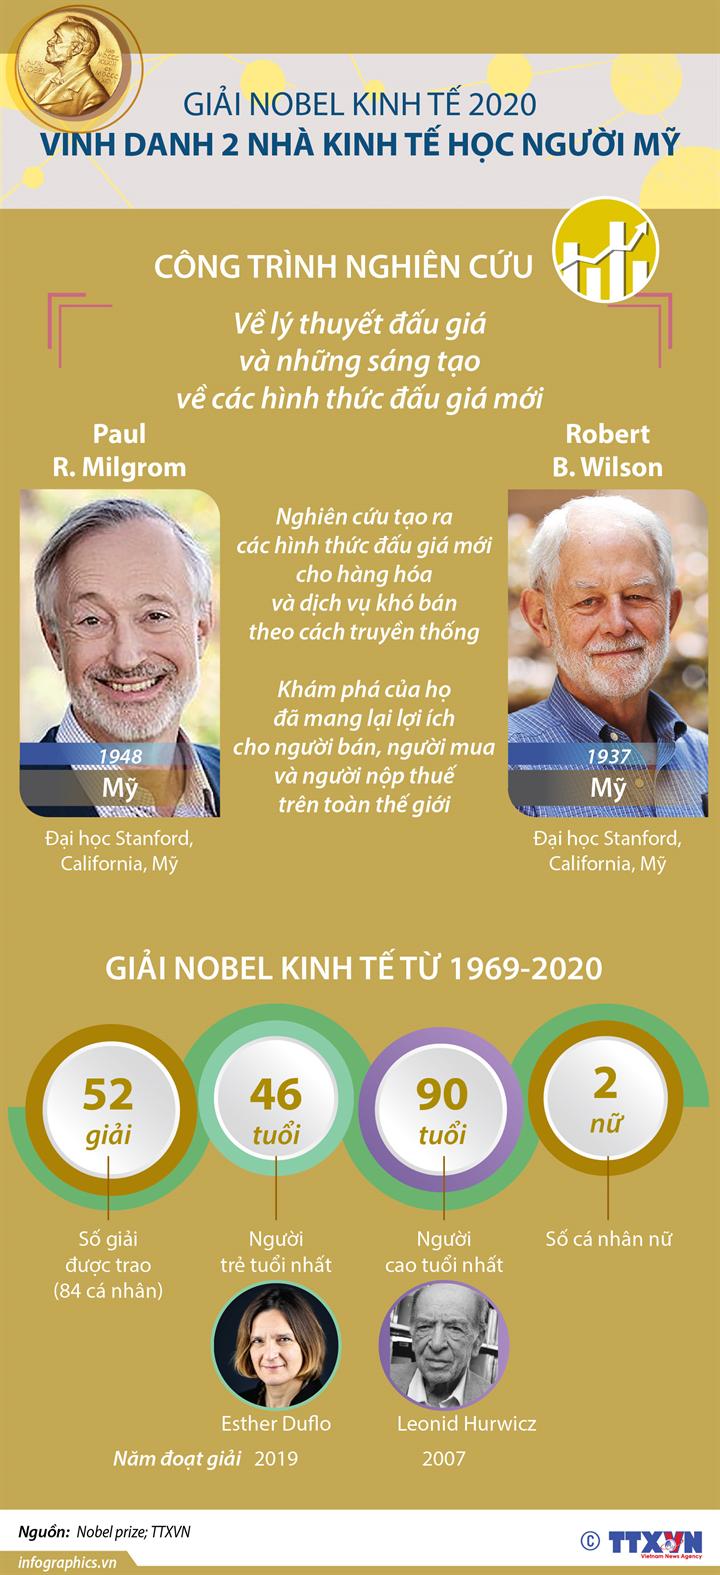 Giải Nobel Kinh tế 2020 vinh danh hai nhà kinh tế học người Mỹ